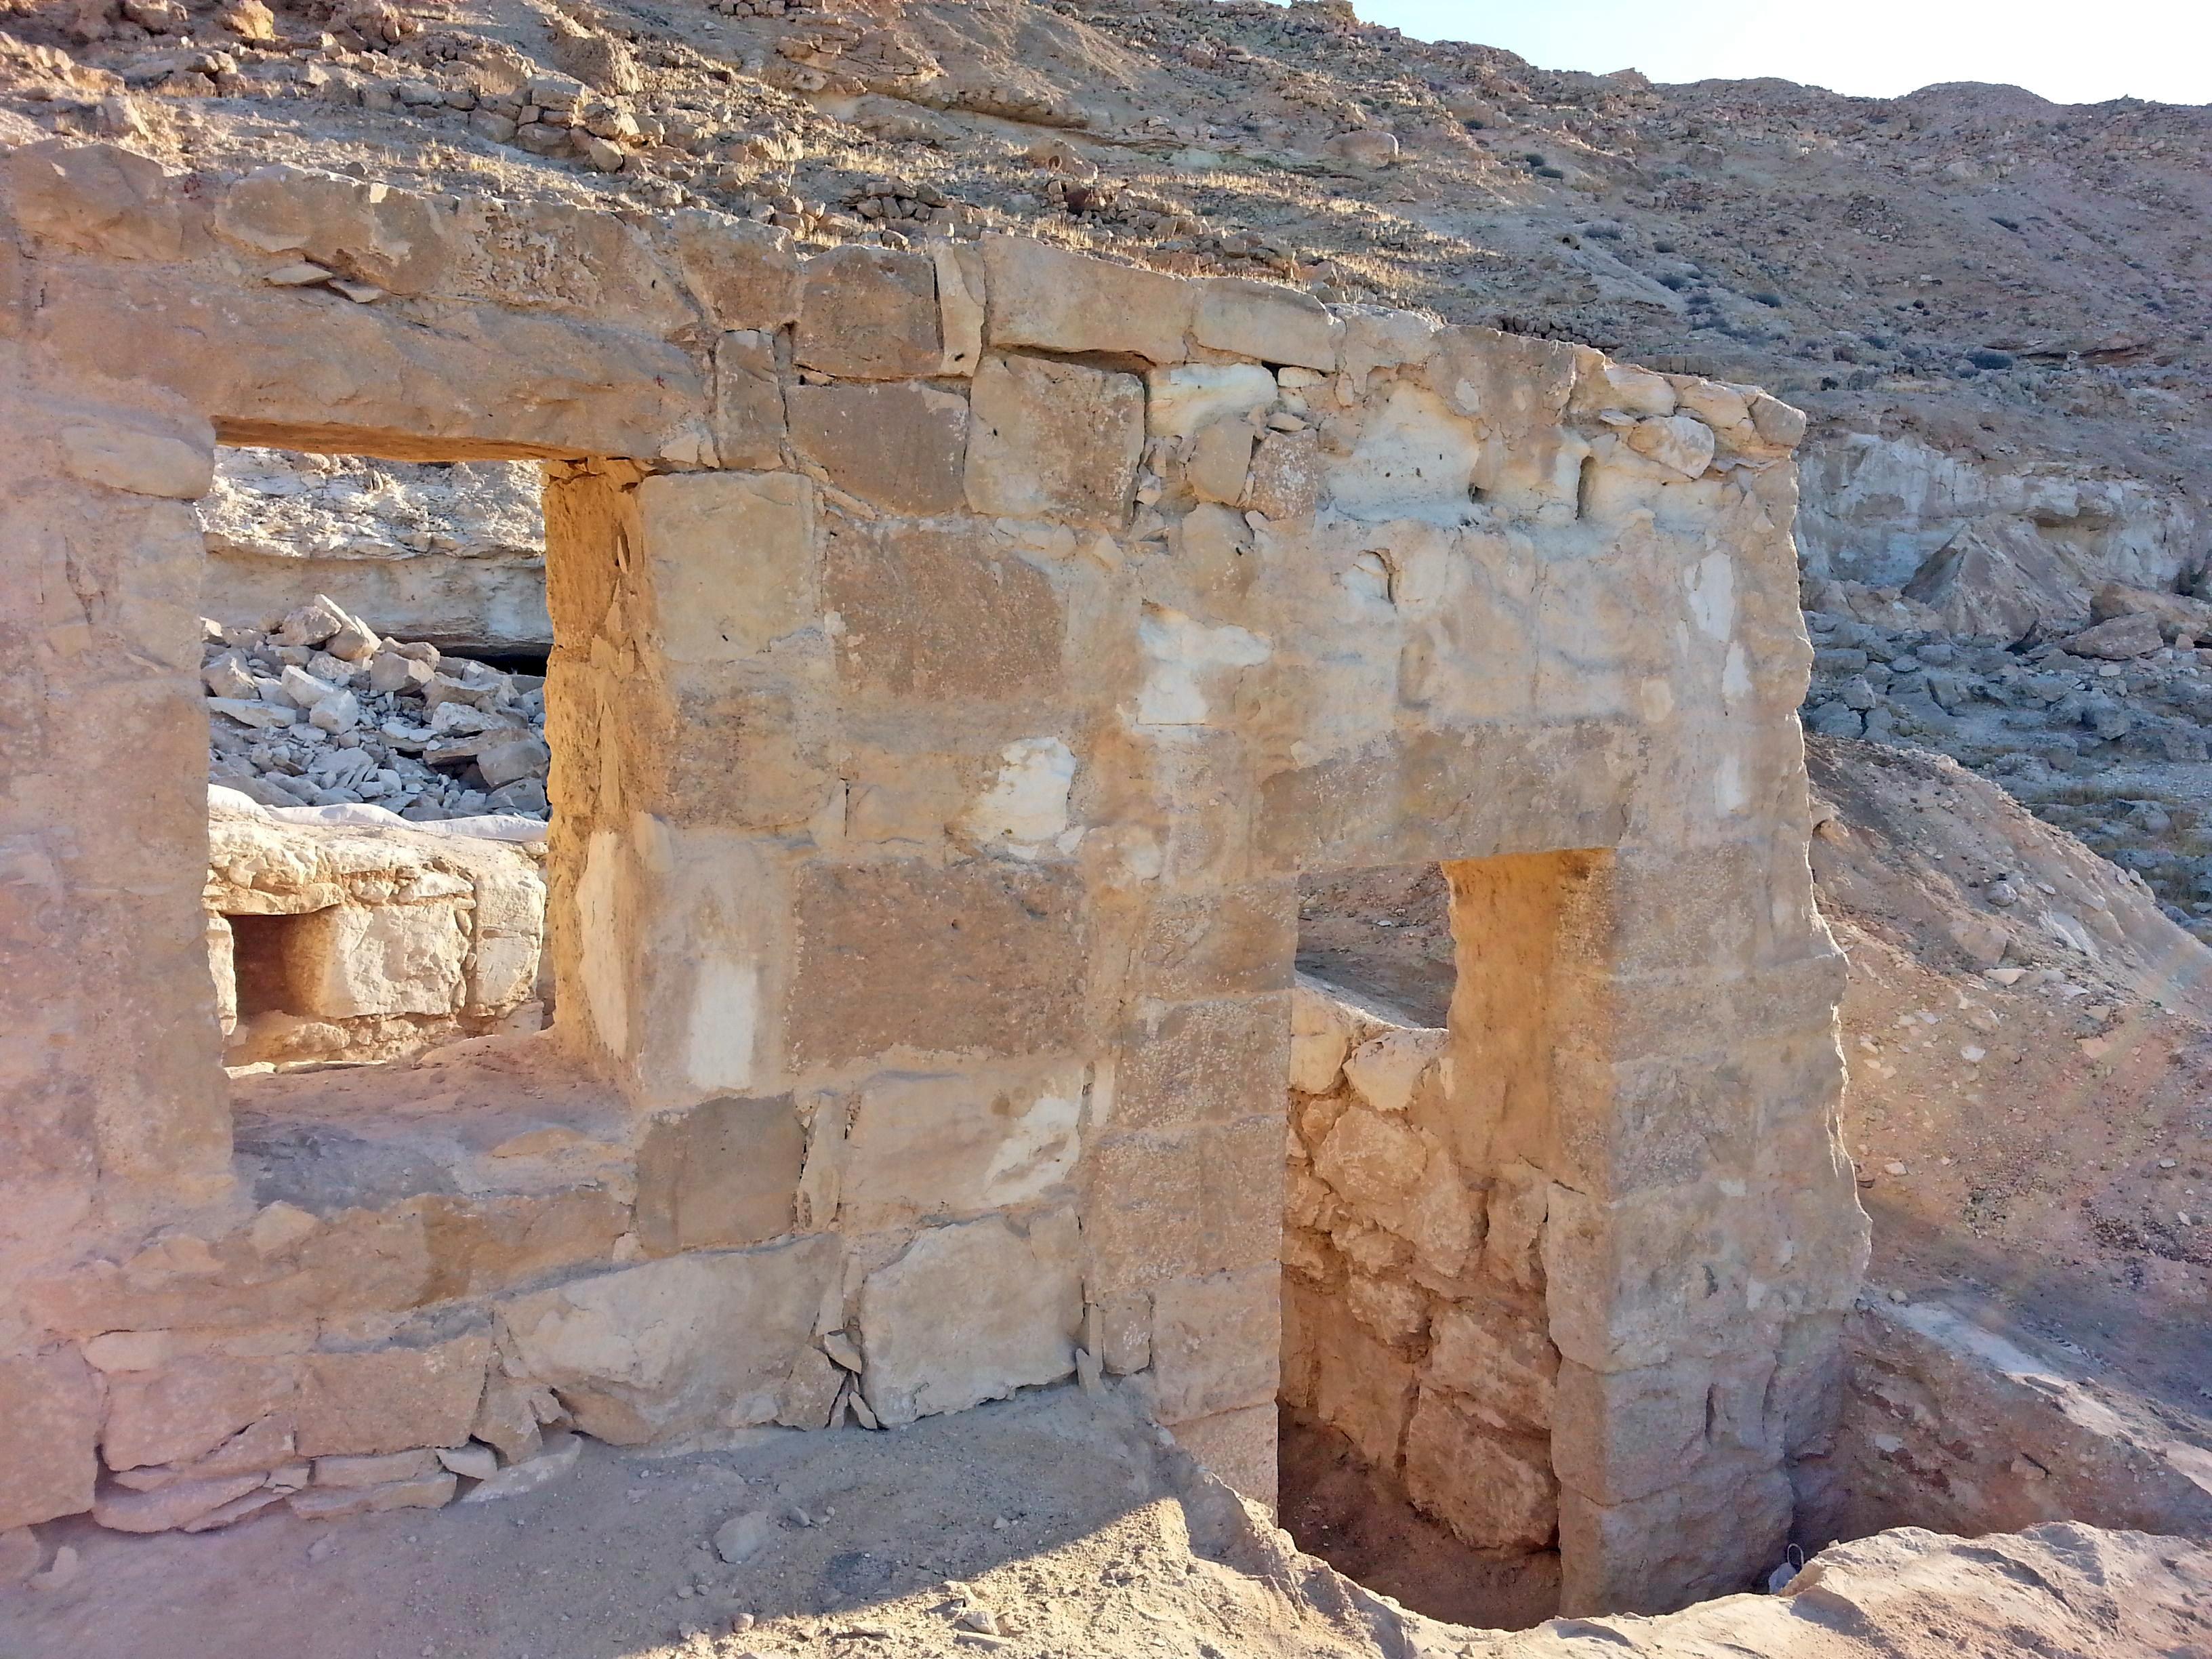 שרידי אורווה כבת 1500 שנה נחשפו בגן הלאומי עֹבדת